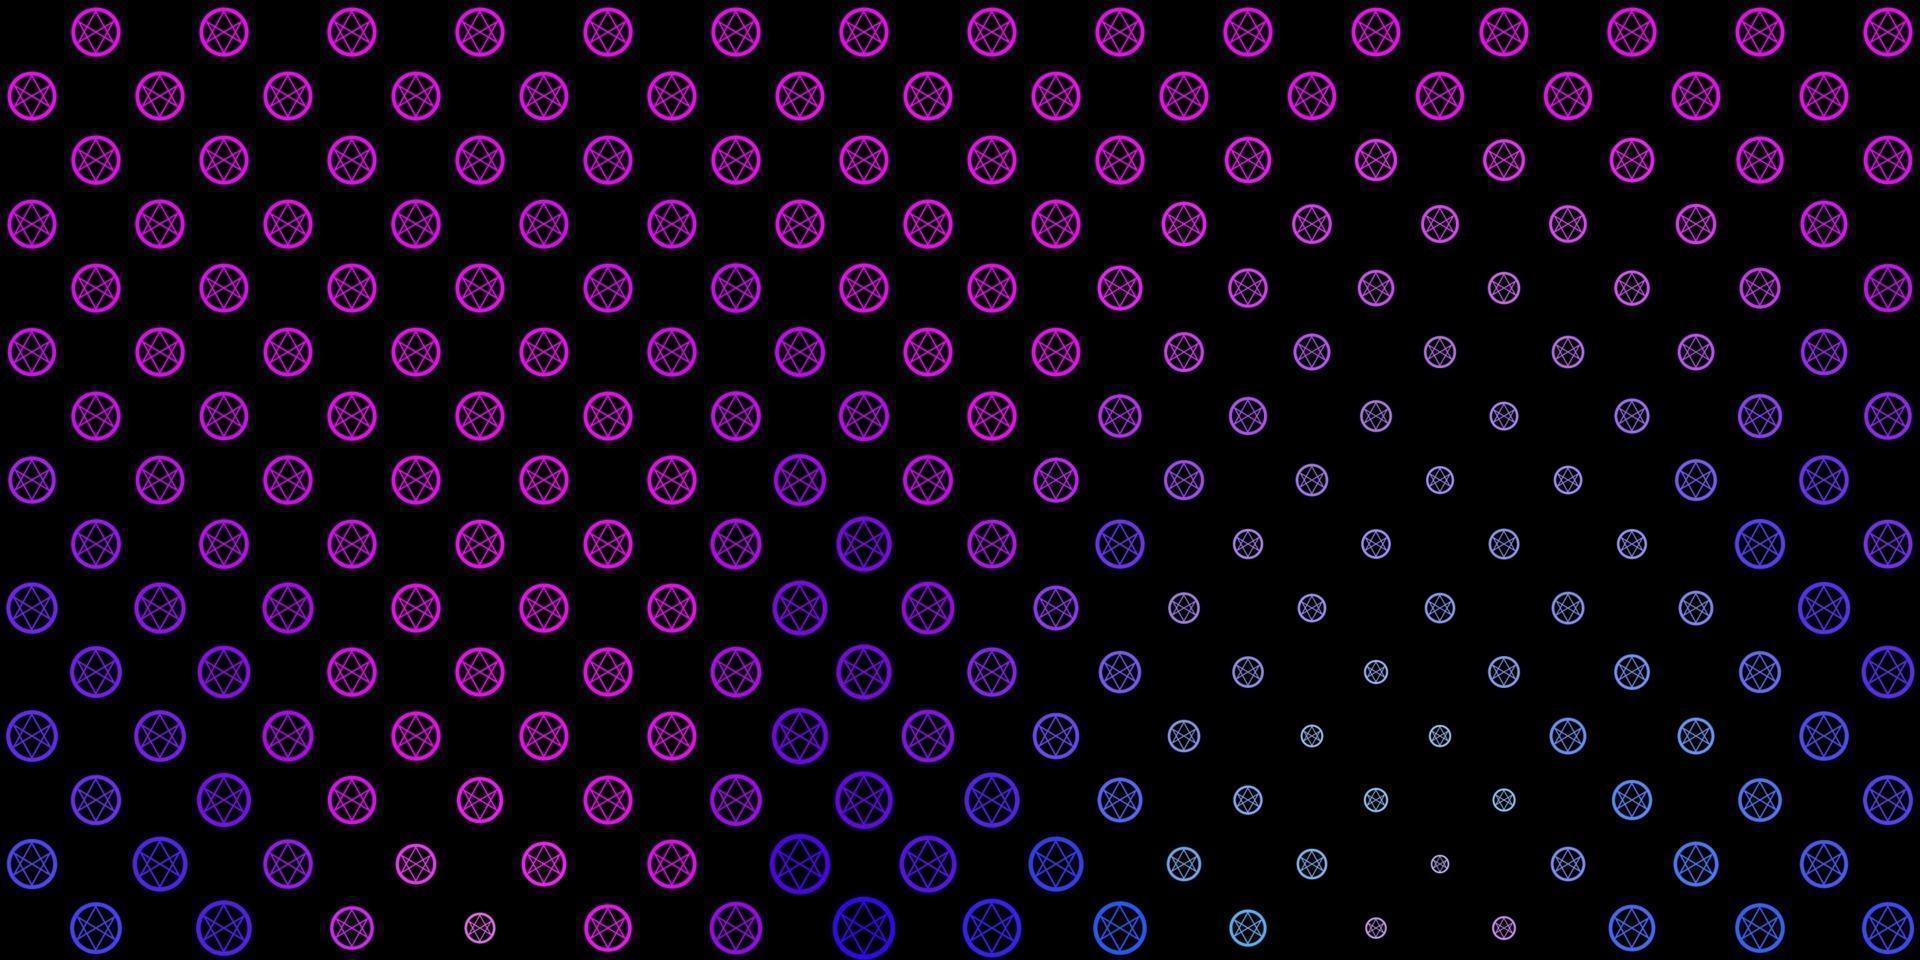 mörkblå, röd vektorbakgrund med mysteriesymboler. vektor